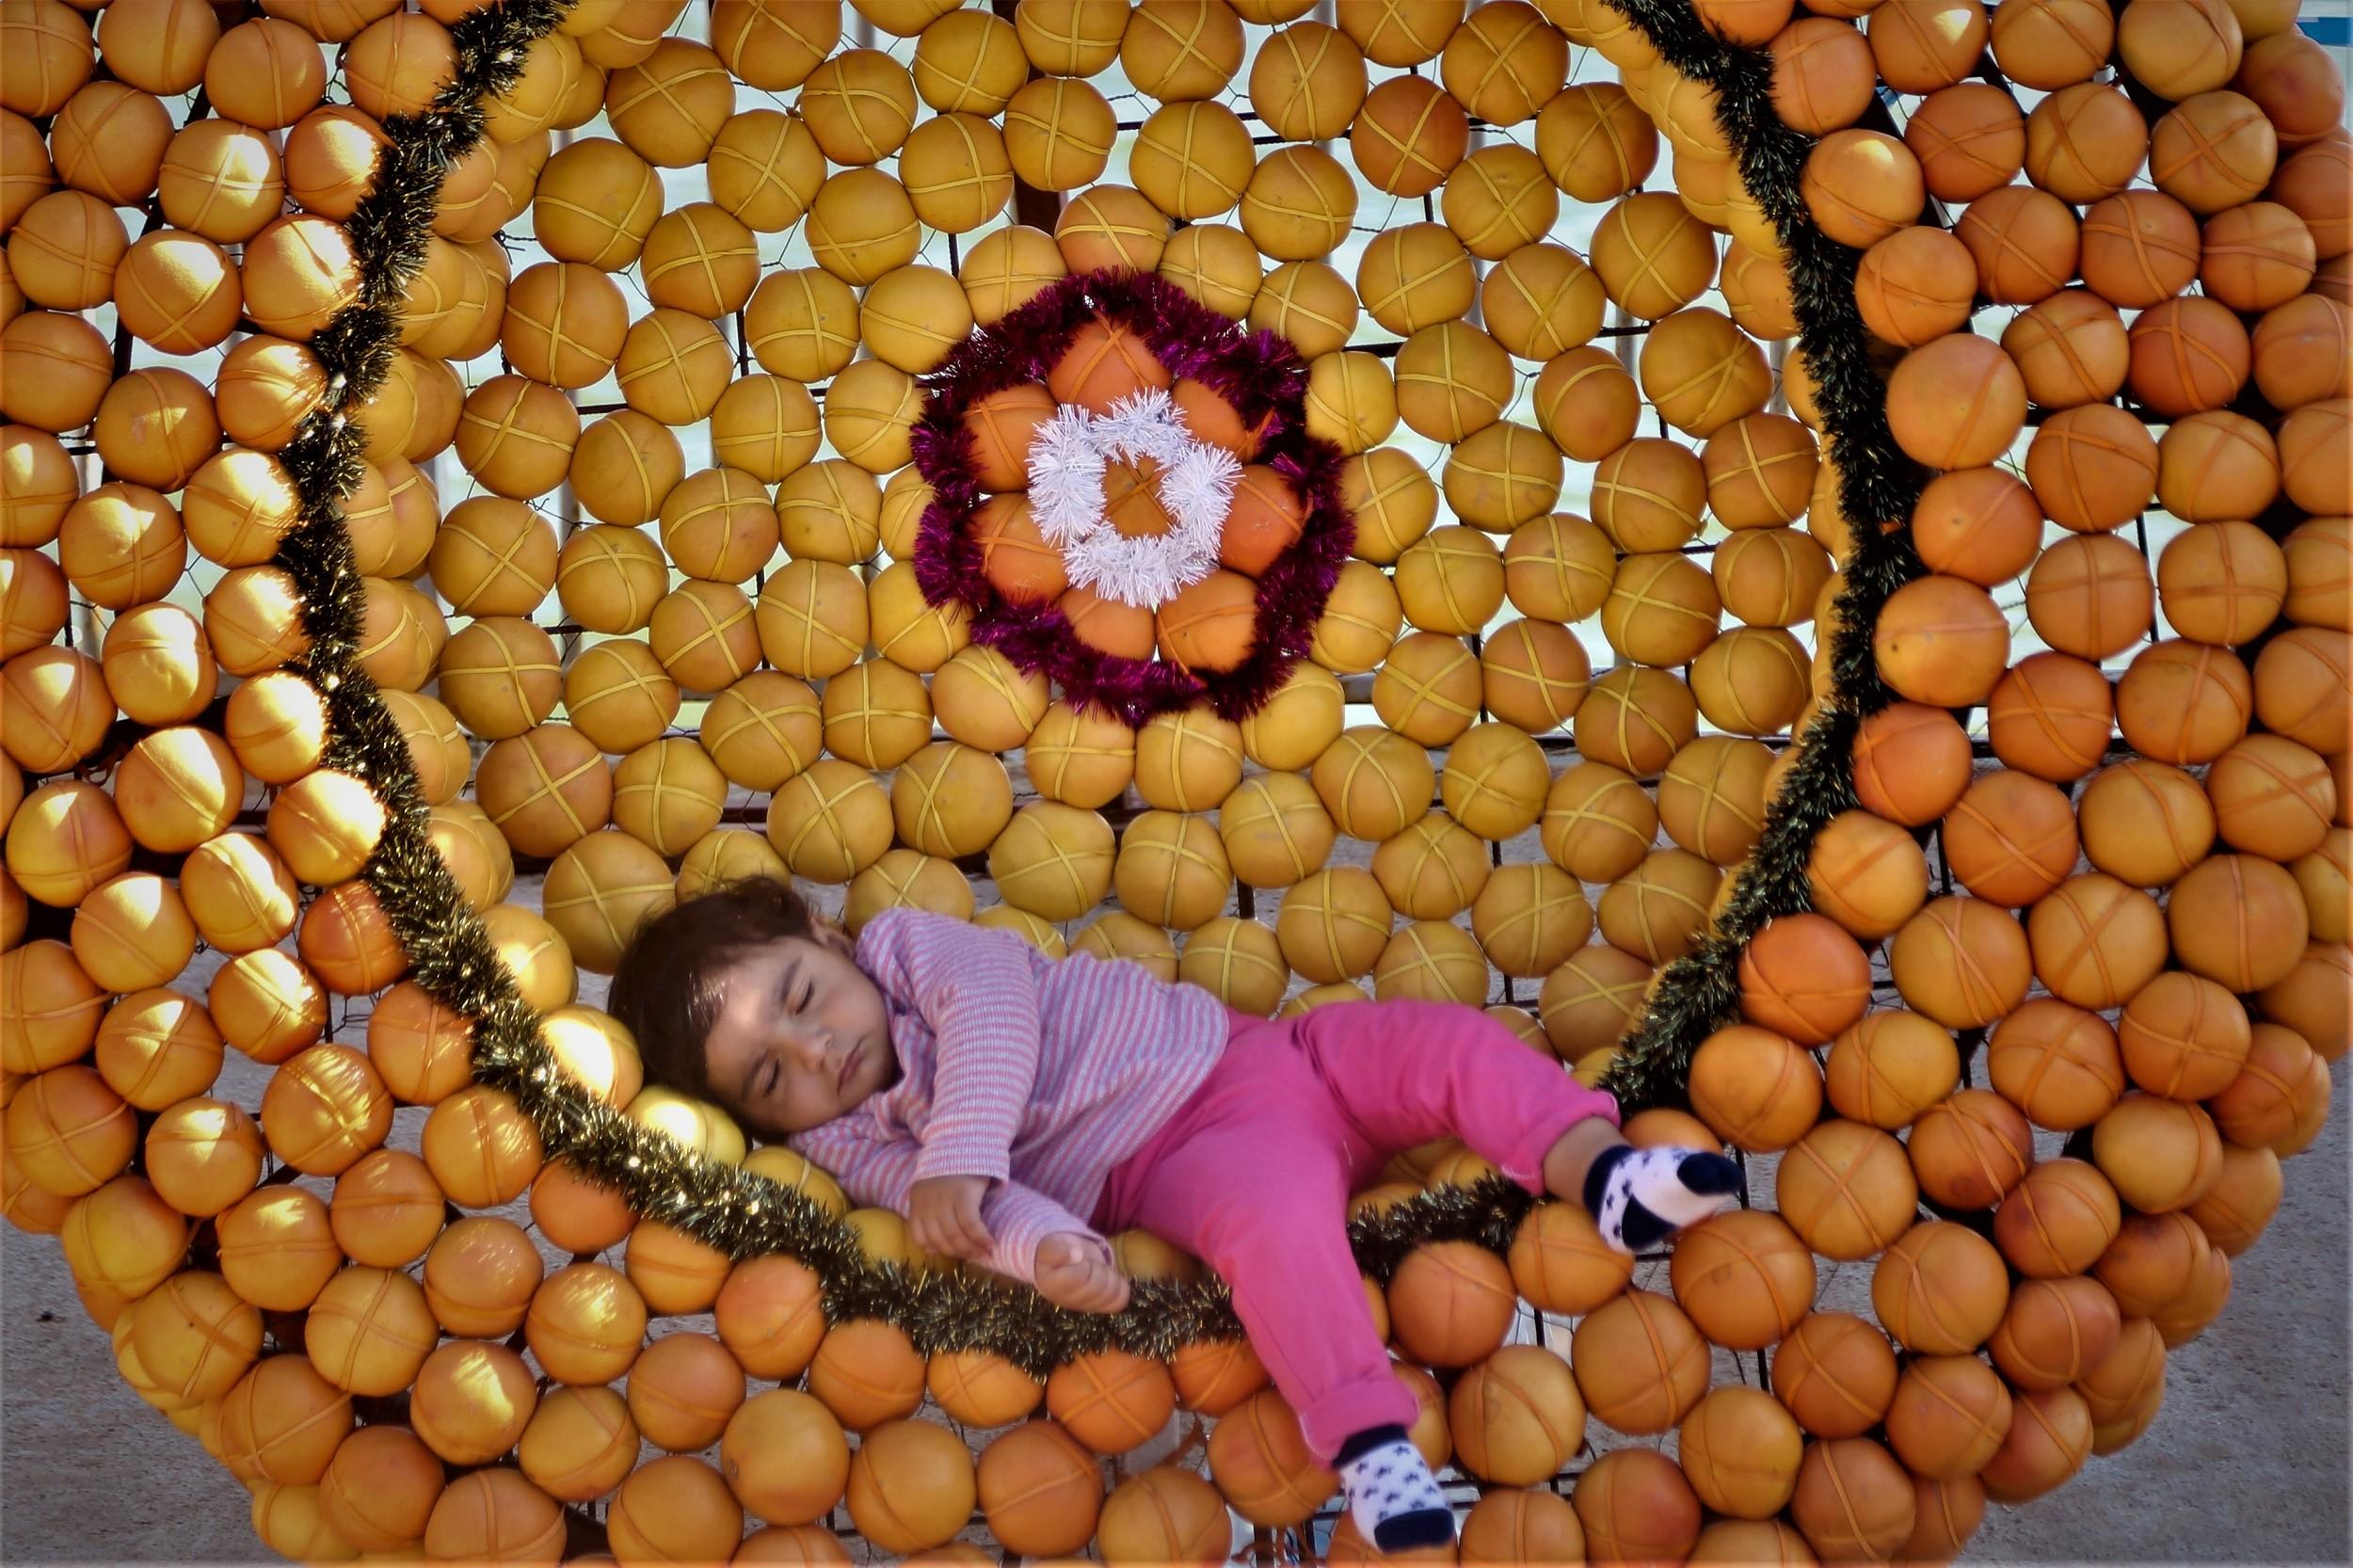 """土耳其梅尔辛国际性性柑橘节持续举办 巨型柑橘""""吉他""""吸睛"""